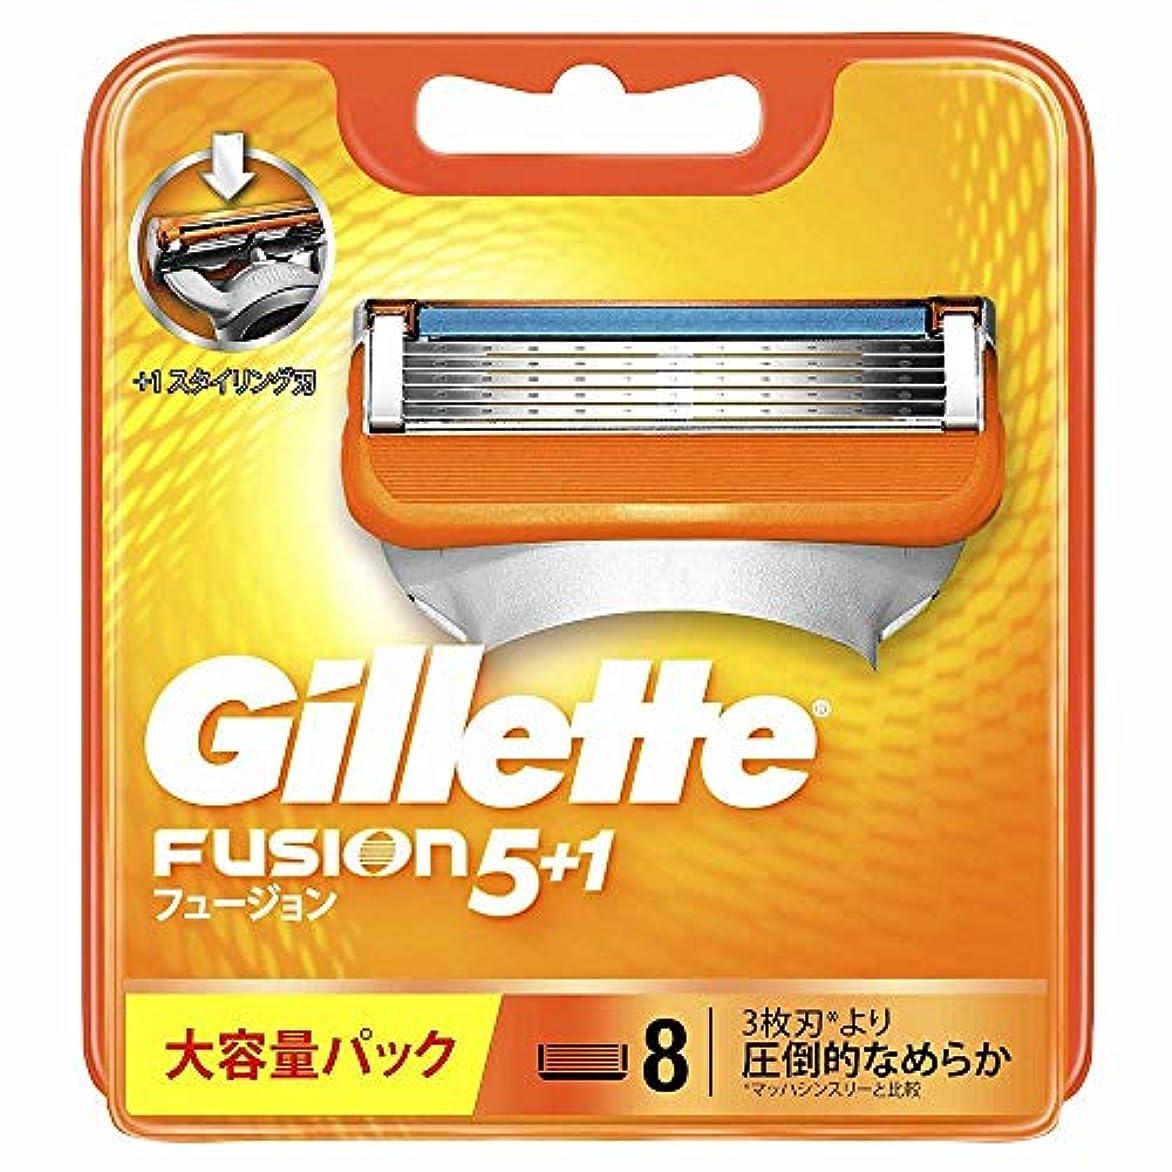 振り返るシンプルさ休憩するジレット 髭剃り フュージョン5+1 替刃8個入